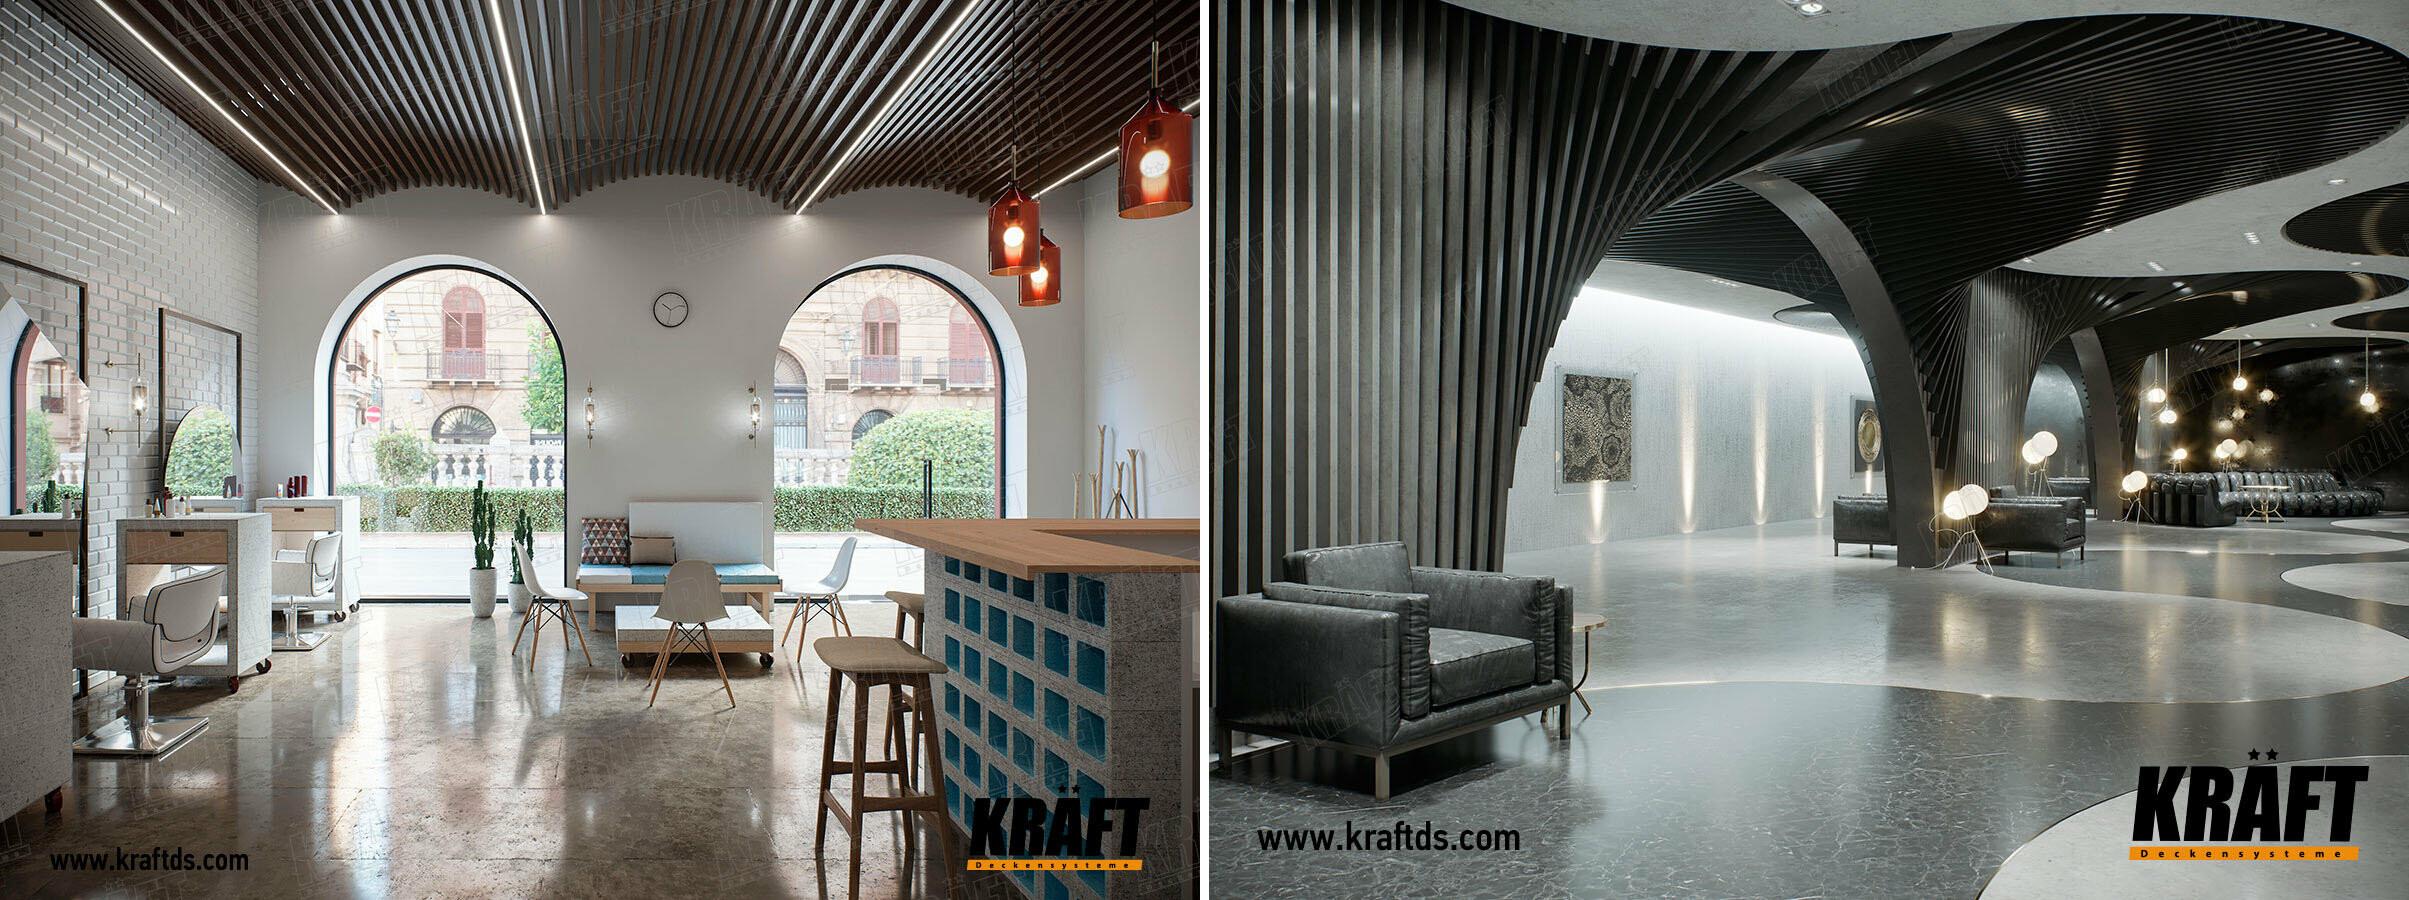 Декоративные подвесные потолки из кубообразной рейки KRAFT на гибкой траверсе